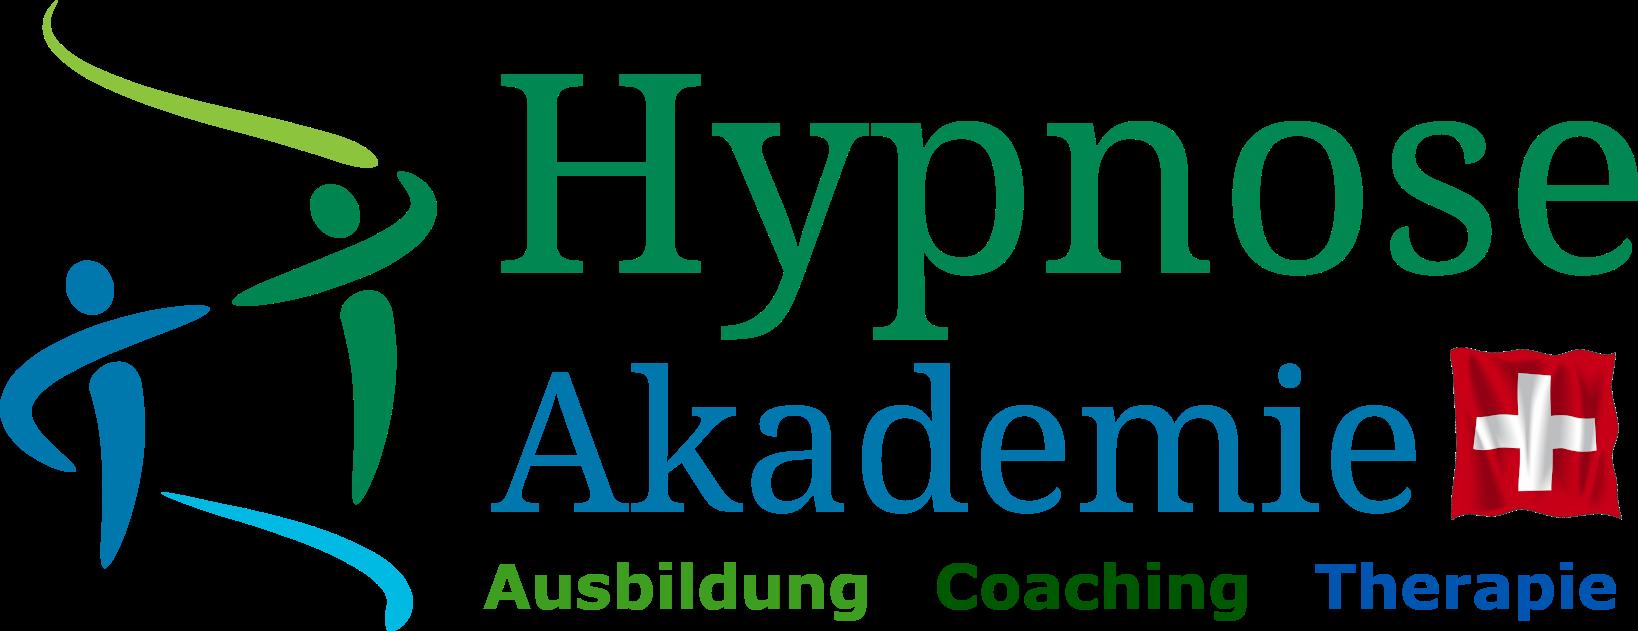 Schweizer Hypnose Akademie